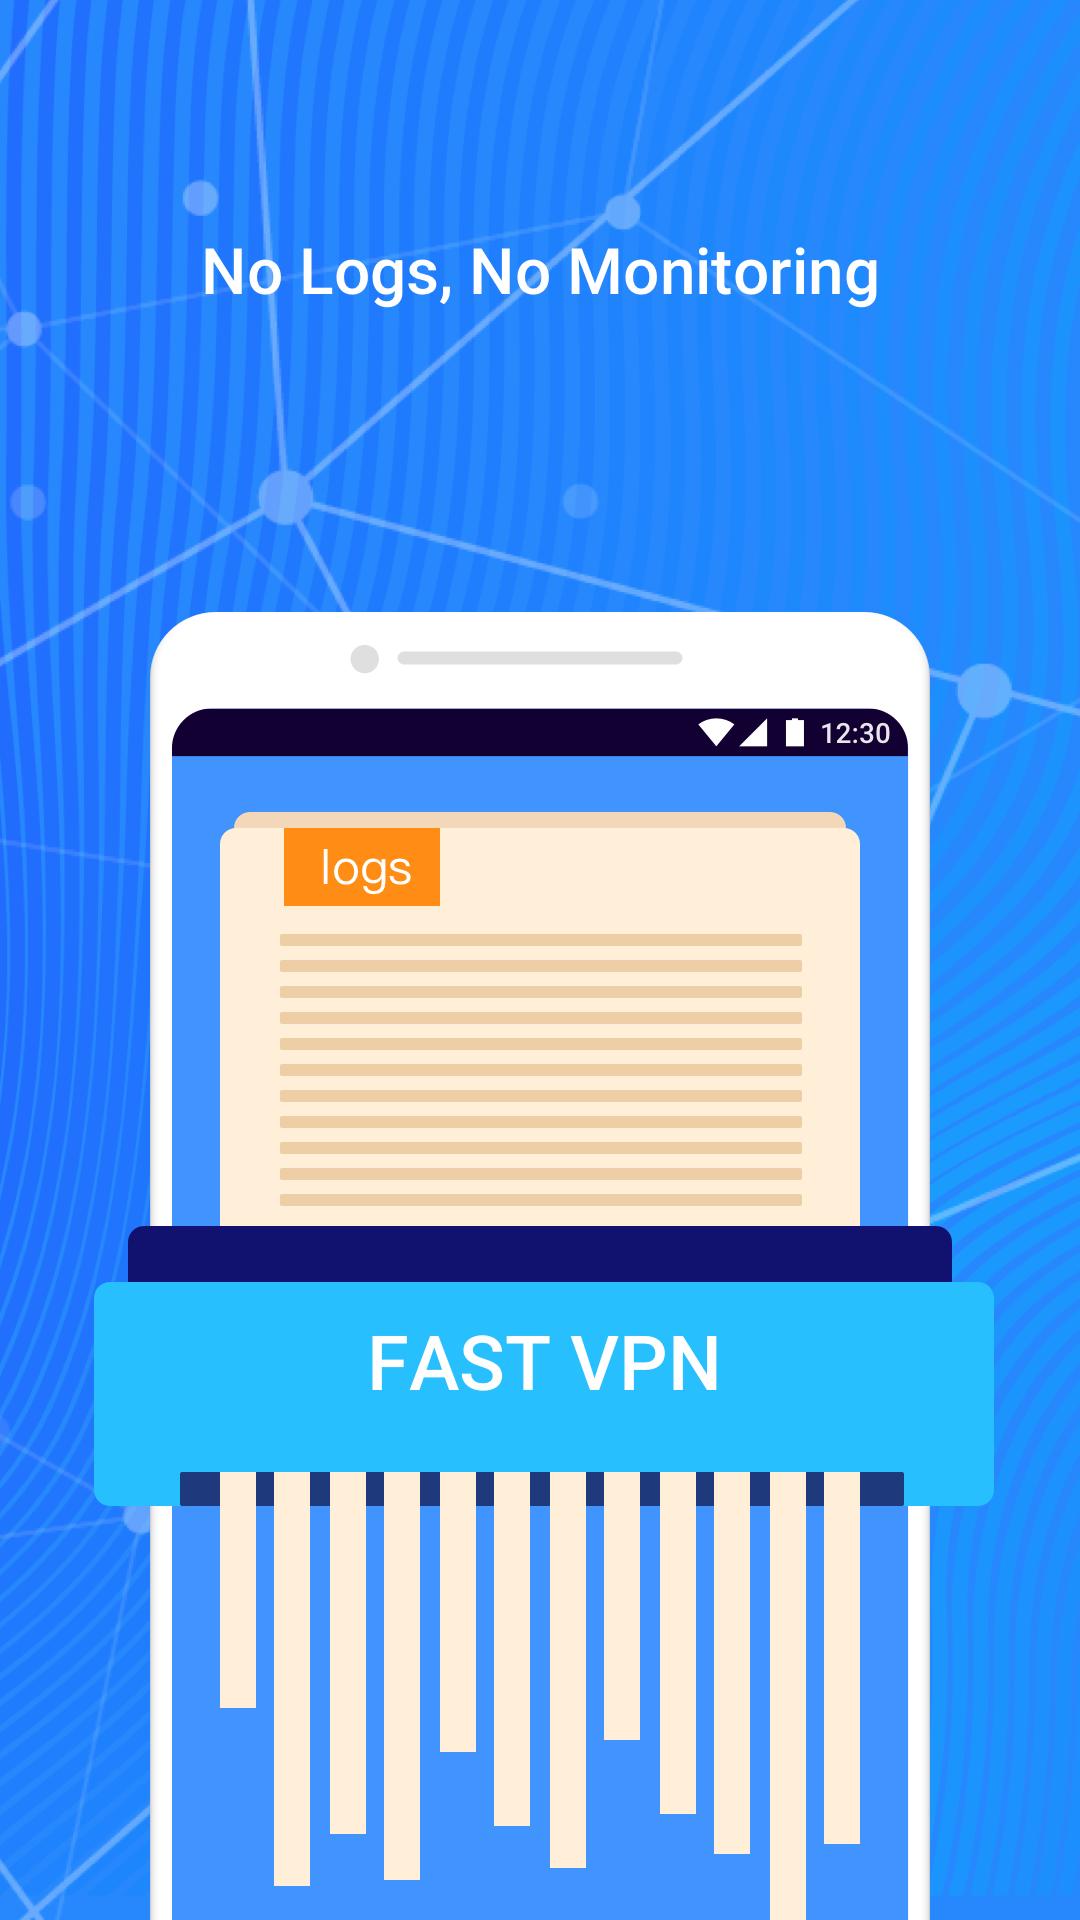 Fast VPN